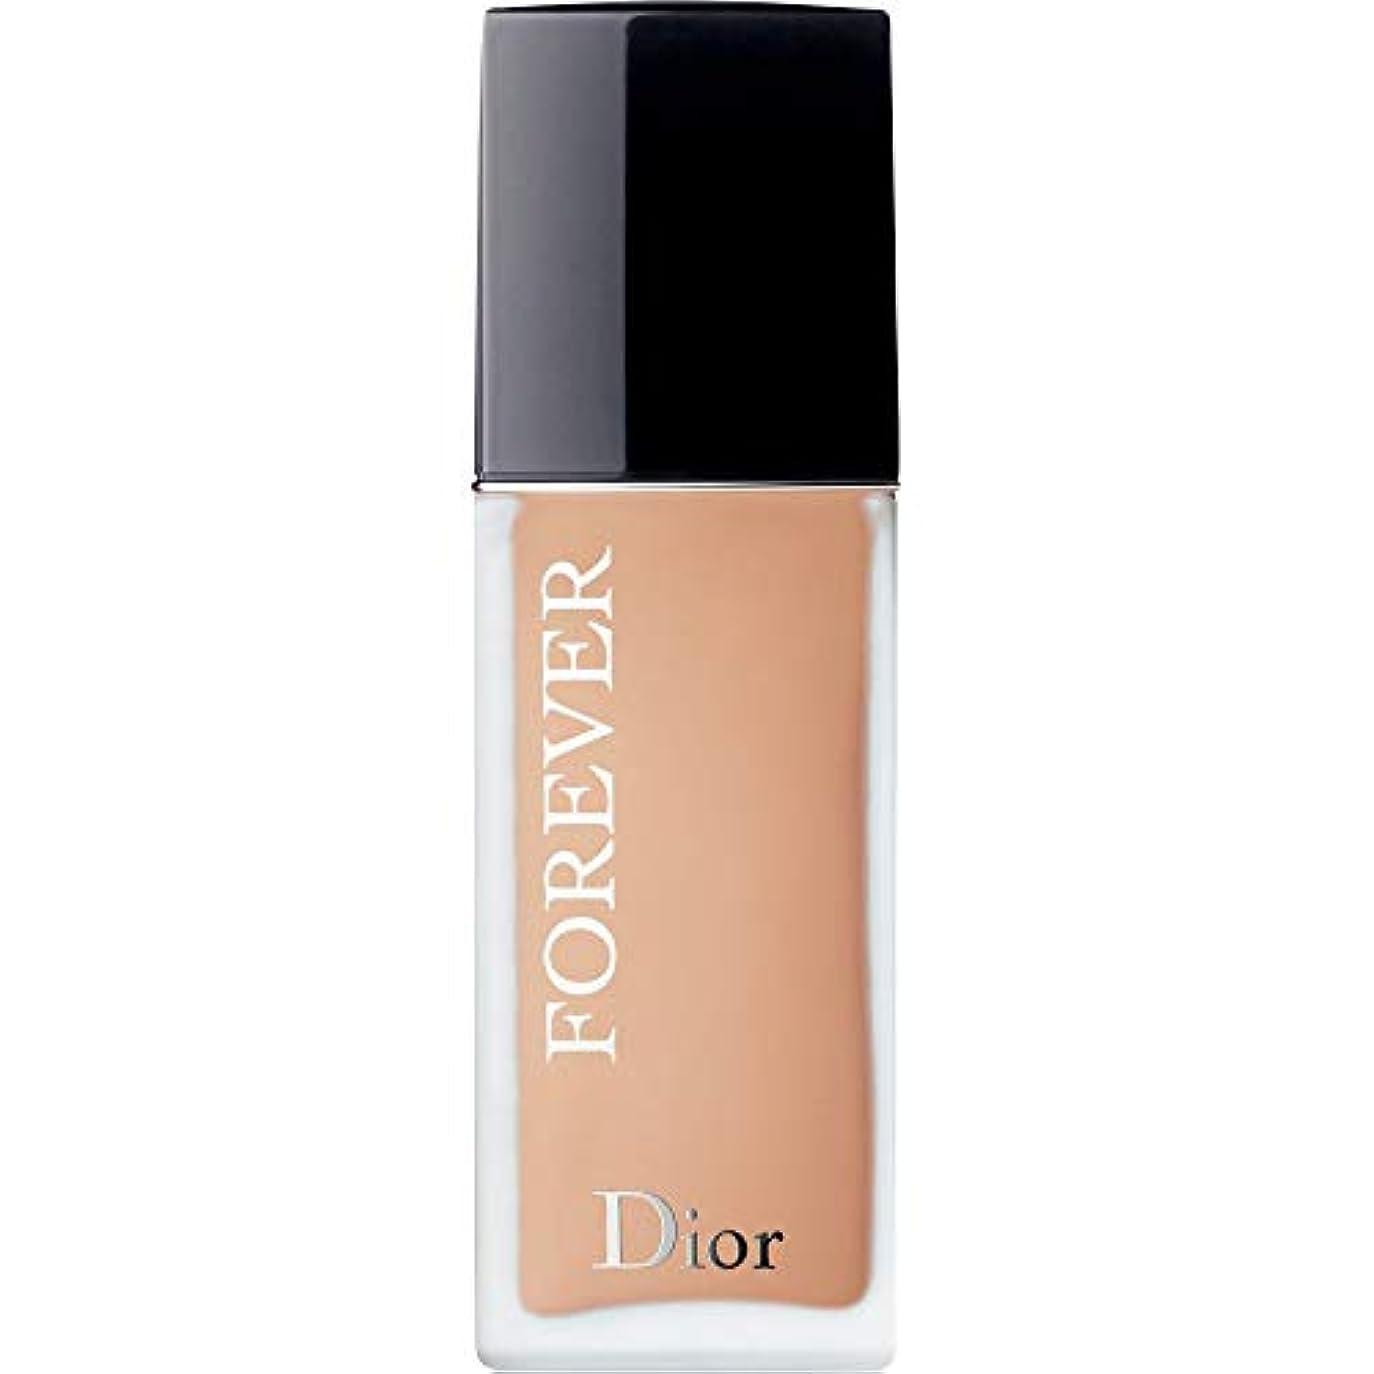 いまタクト消費[Dior ] ディオール永遠皮膚思いやりの基礎Spf35 30ミリリットルの3C - クール(つや消し) - DIOR Forever Skin-Caring Foundation SPF35 30ml 3C - Cool...